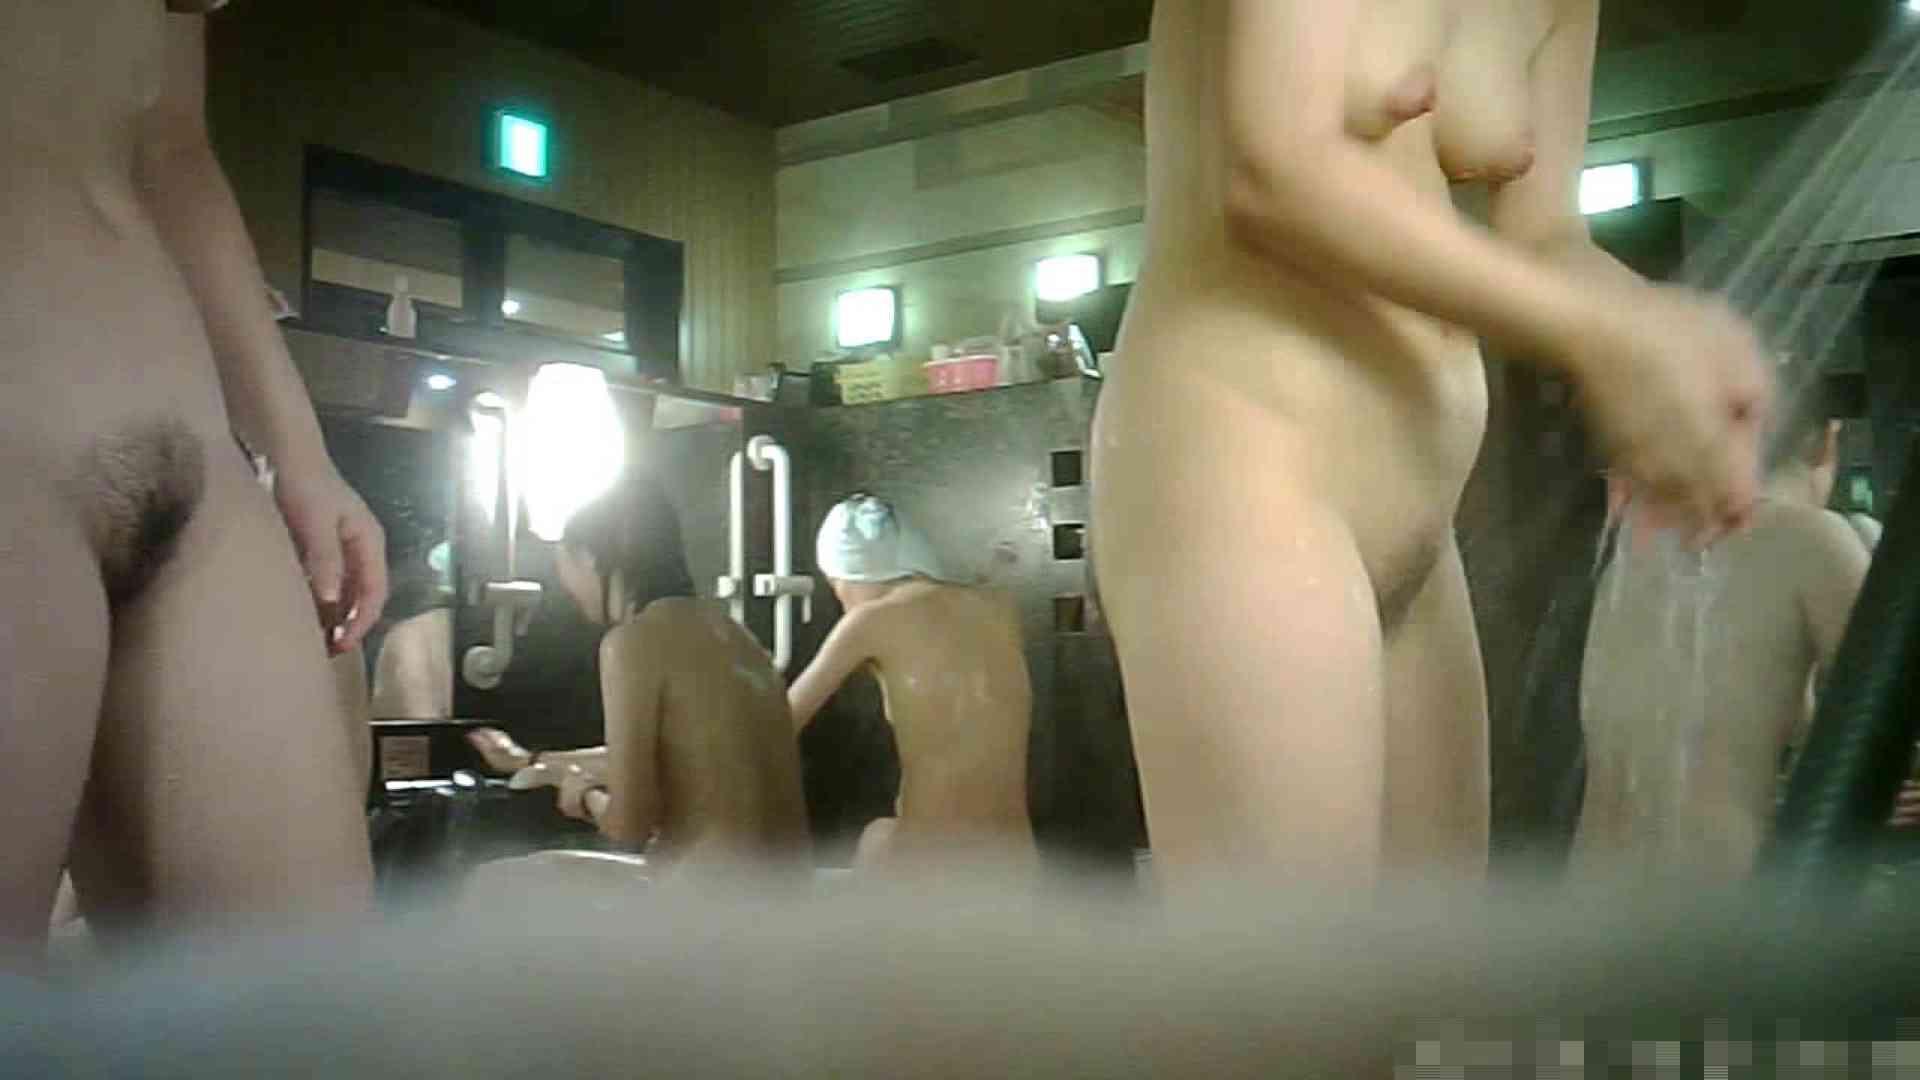 オムニバスVol.1 潜入 覗き性交動画流出 76pic 23